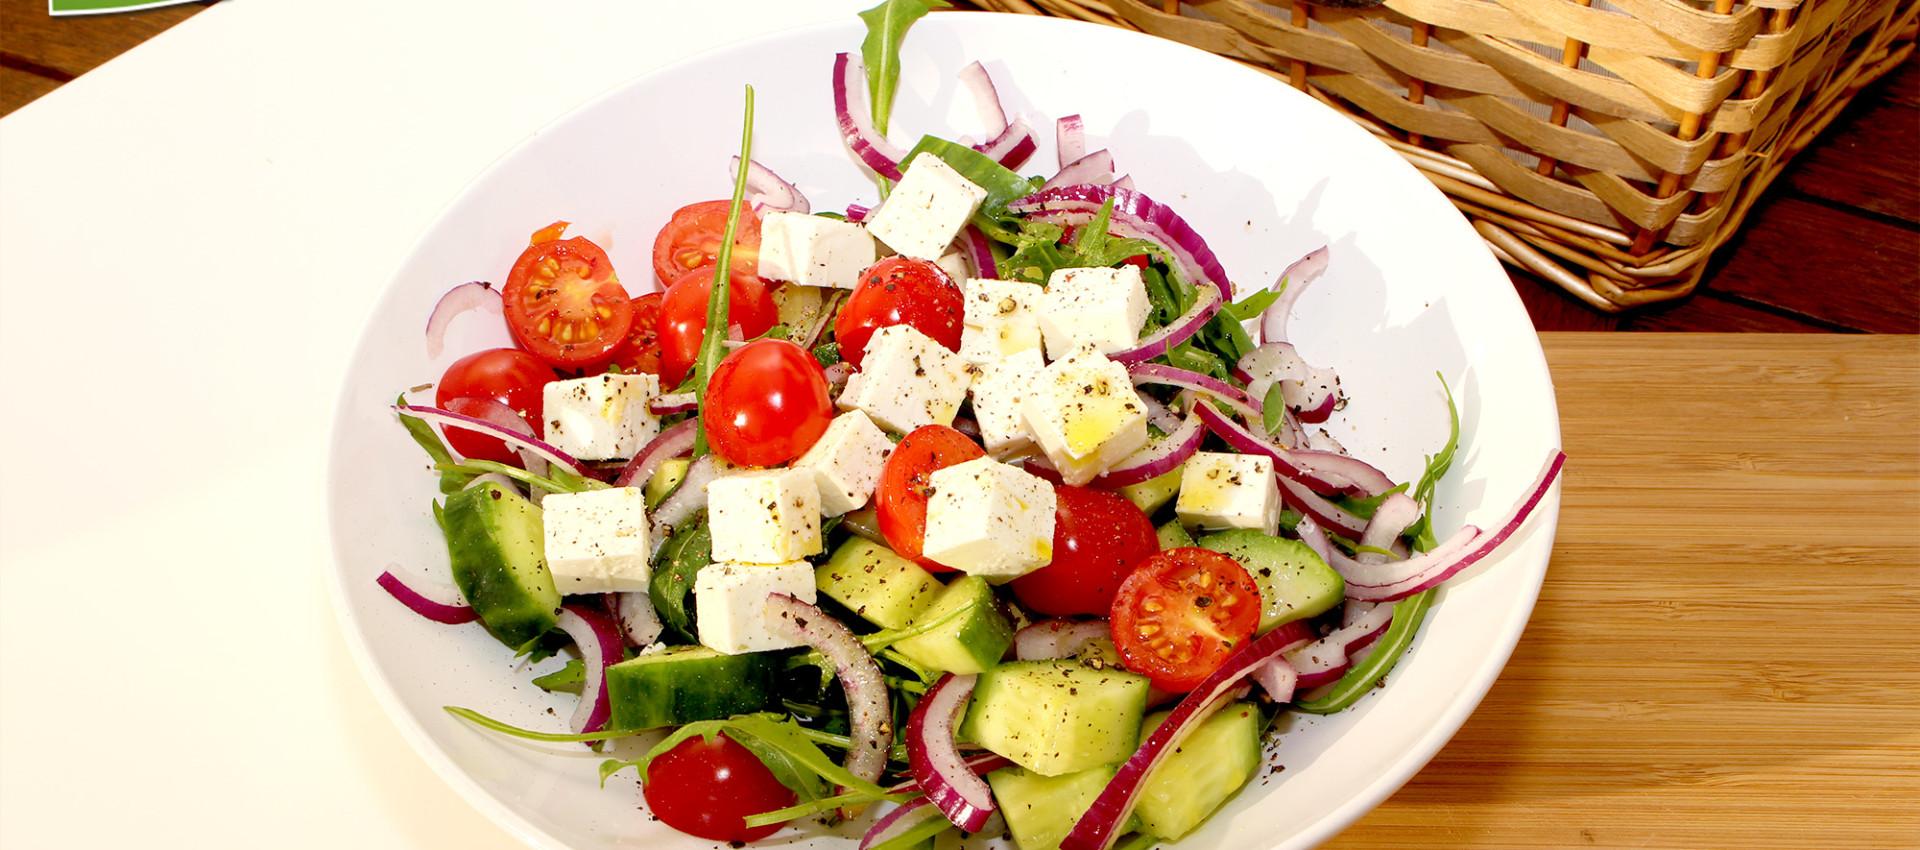 Rezept schneller griechischer Salat mit Feta & Olivenöl - Kochbock.de